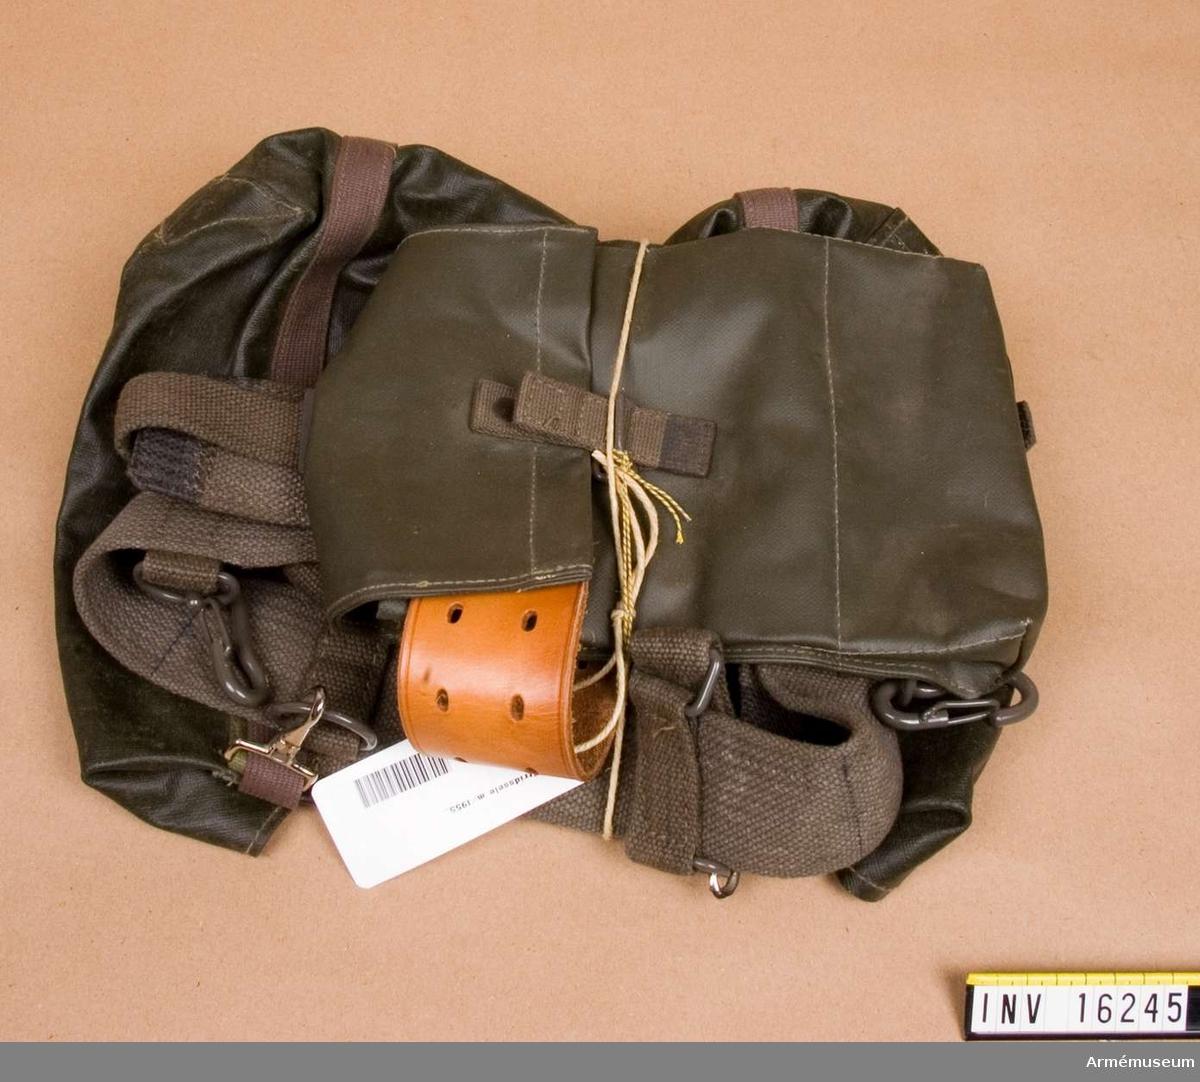 Stridssele m/1955.Av vaxduk med brunlila textilremmar är den större väskan, den mindre väskan stängs med gröna textilband. Sele av textil.